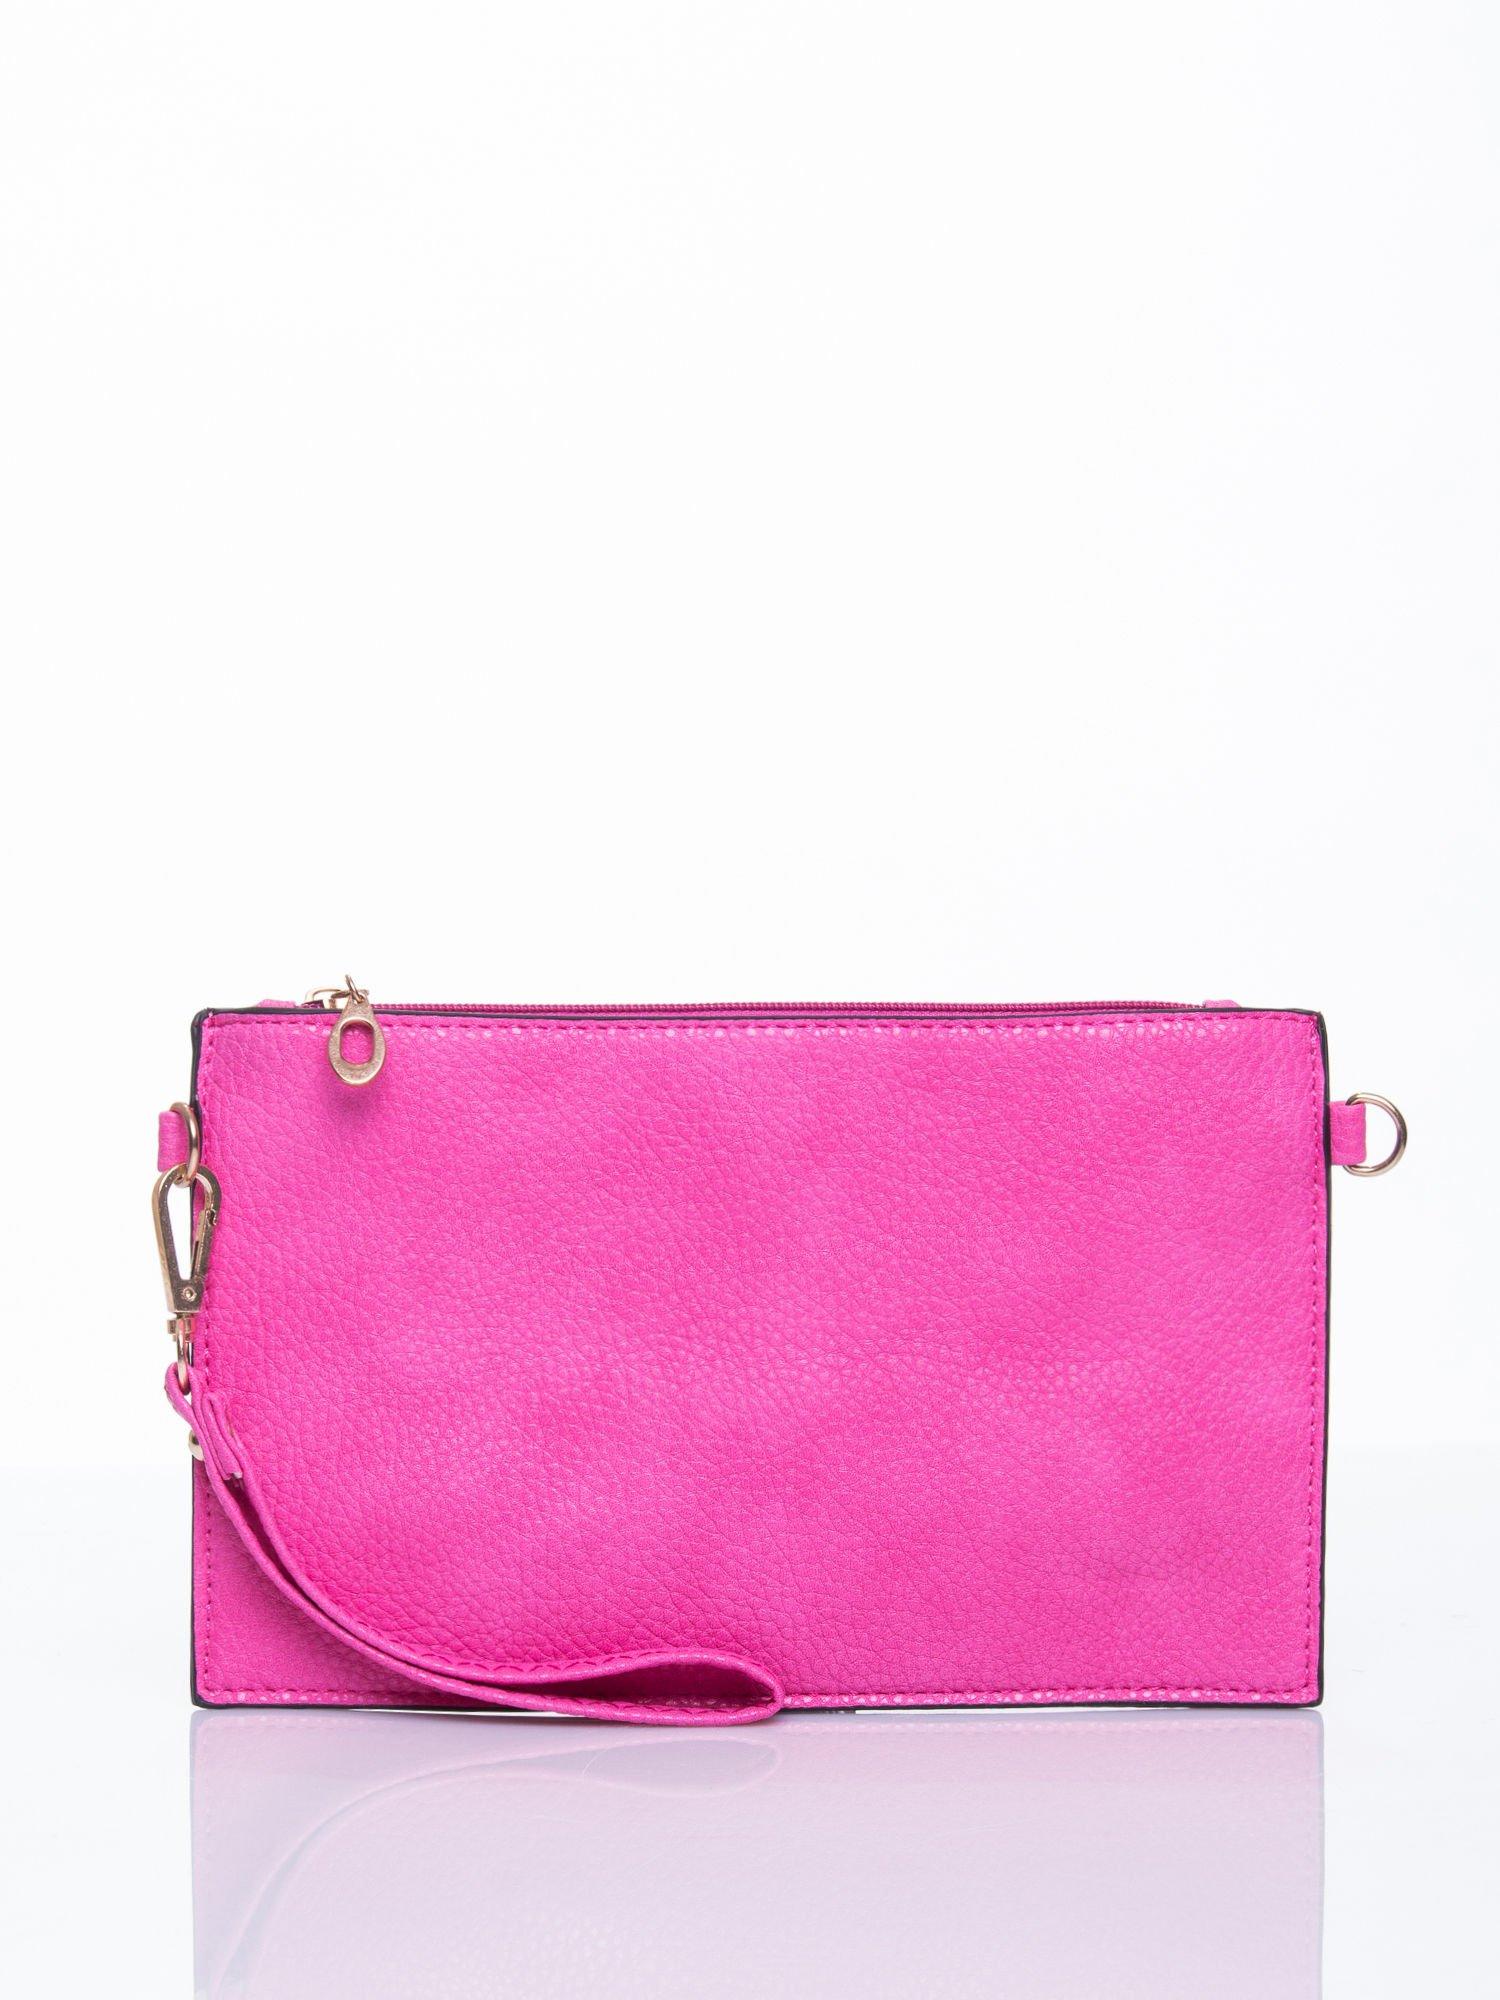 Różowa prosta przewieszana torebka z uchwytem                                  zdj.                                  1